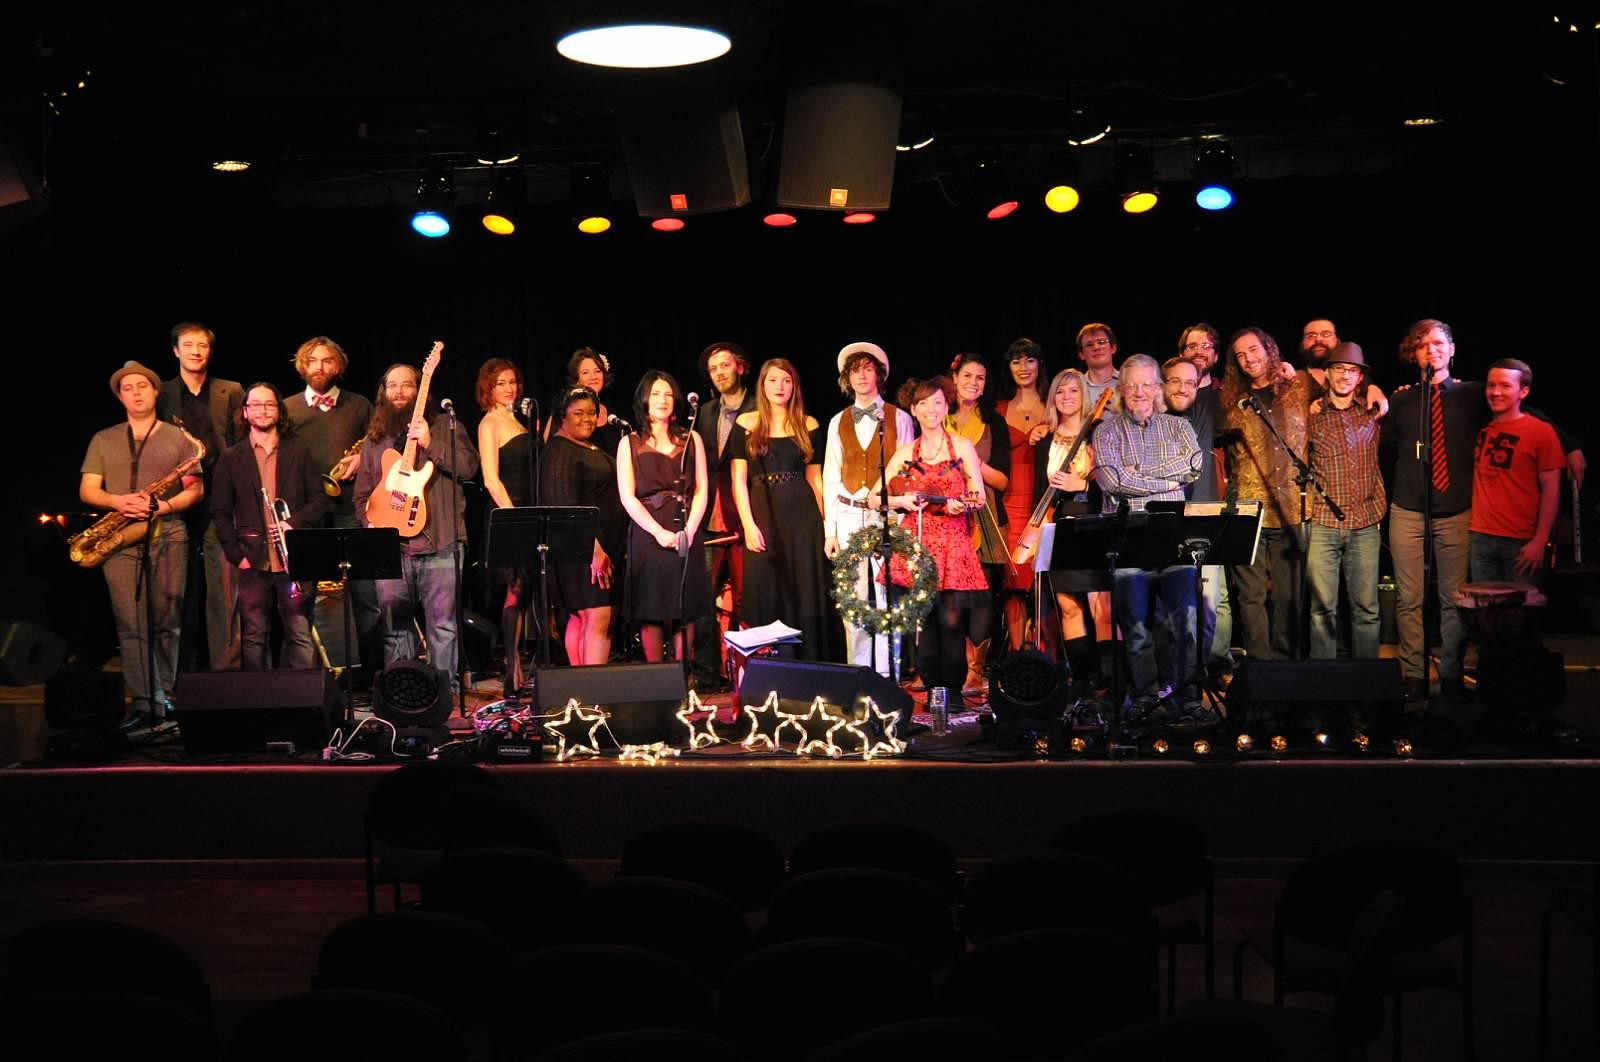 Ebird & Friends Holiday Show 2012, The Ark, Ann Arbor MI